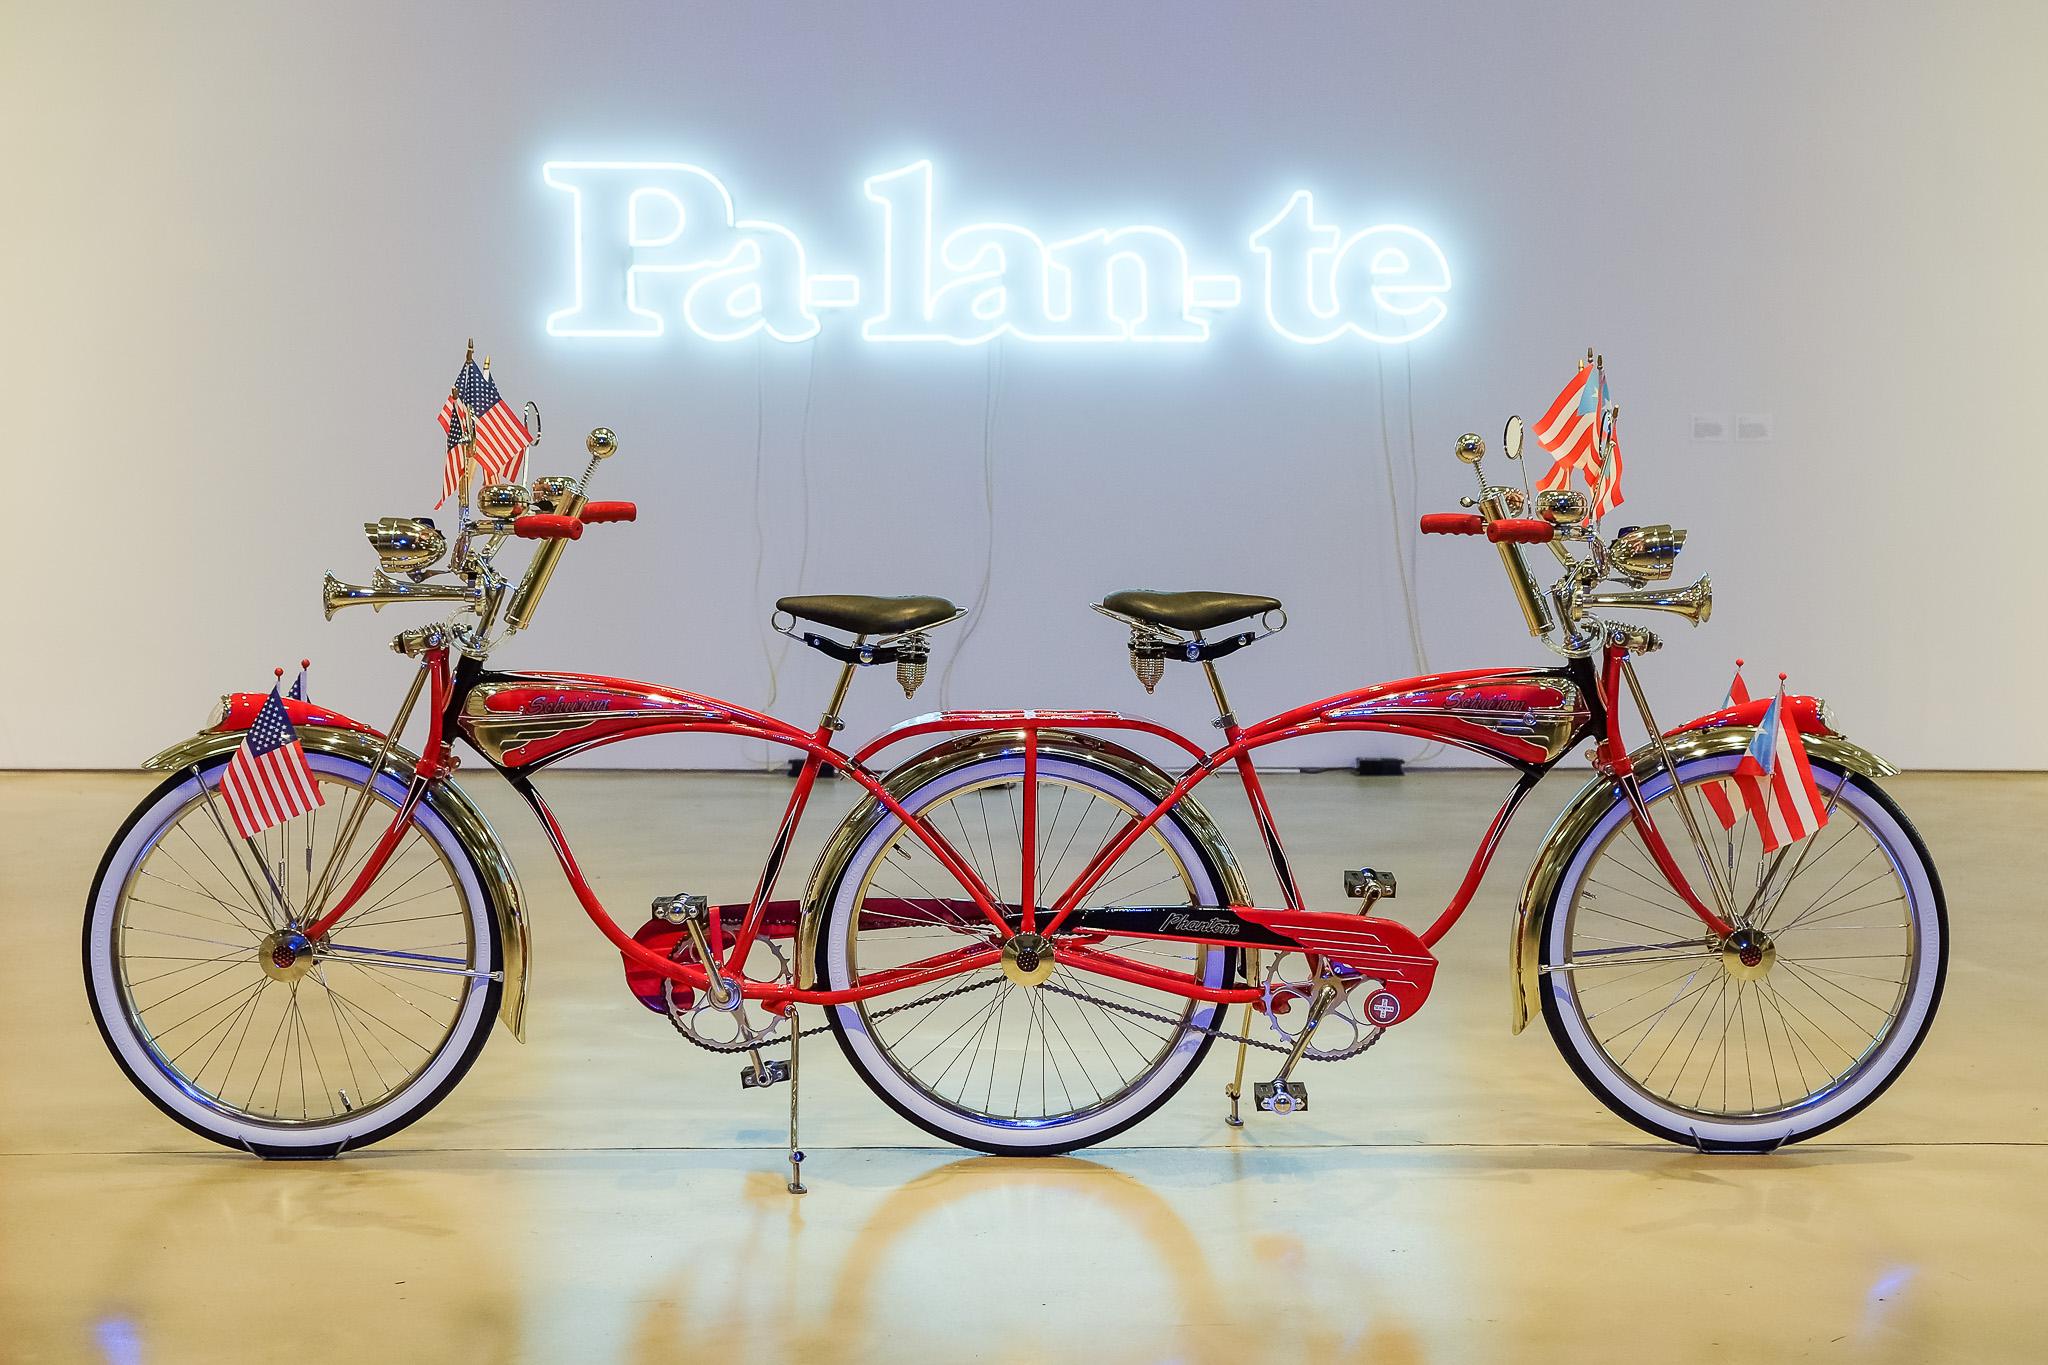 Double-Phantom: sin capacidad de moverse ni hacia adelante ni hacia atrás, este pieza en el estado actual de la disfunción en Puerto Rico, y la paradoja de su relación colonial con los Estados Unidos.